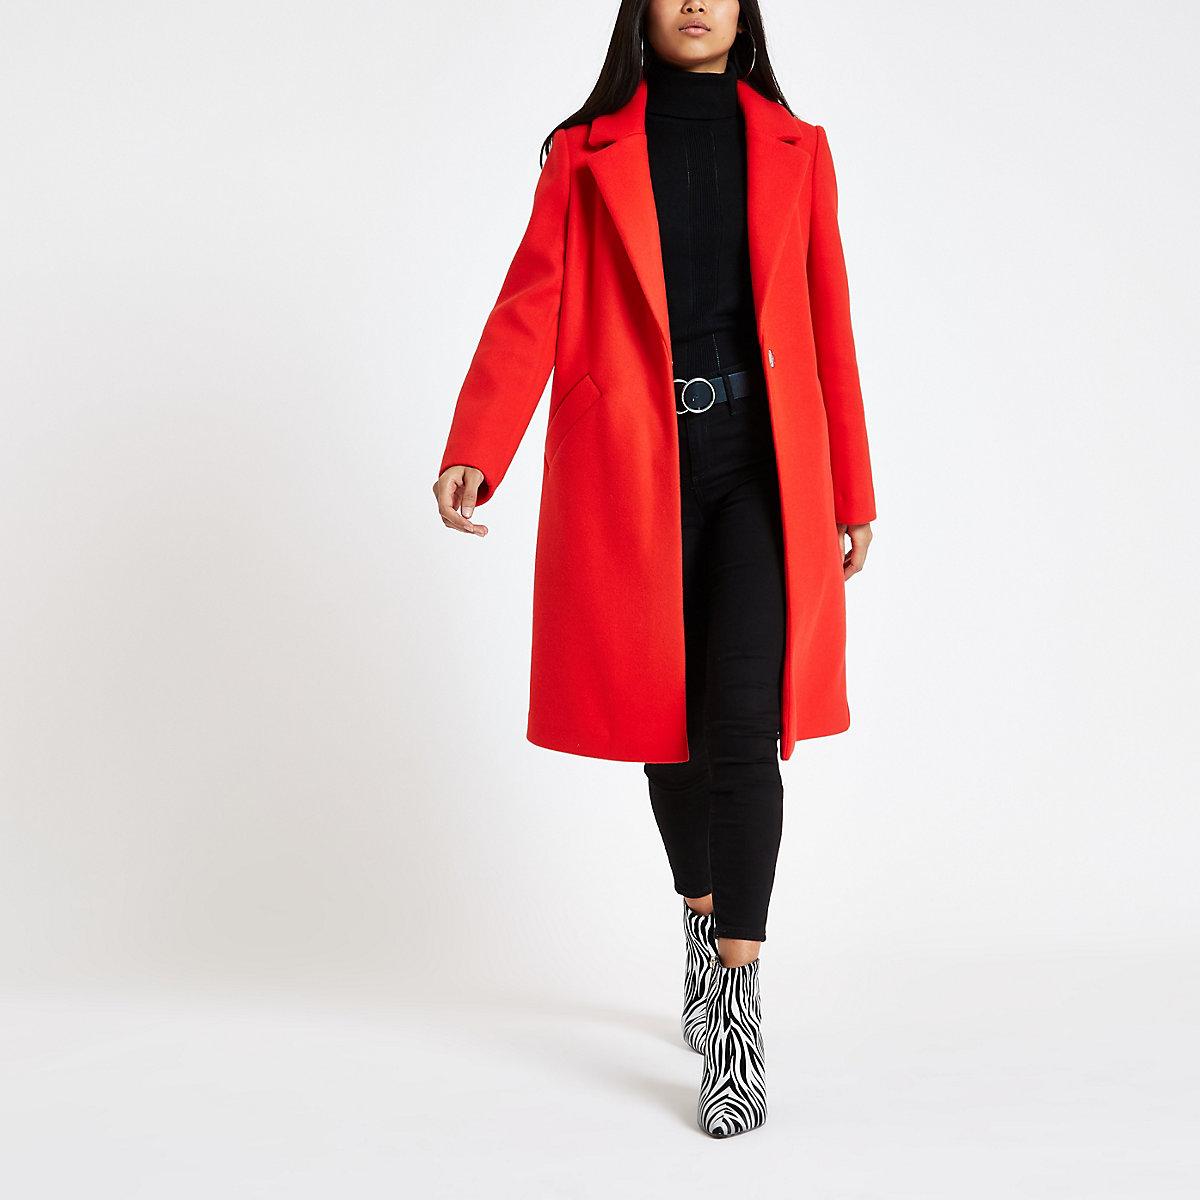 Long Femme – amp; Vestes Droit Manteau Petite Manteaux Rouge UPxqnTwvF